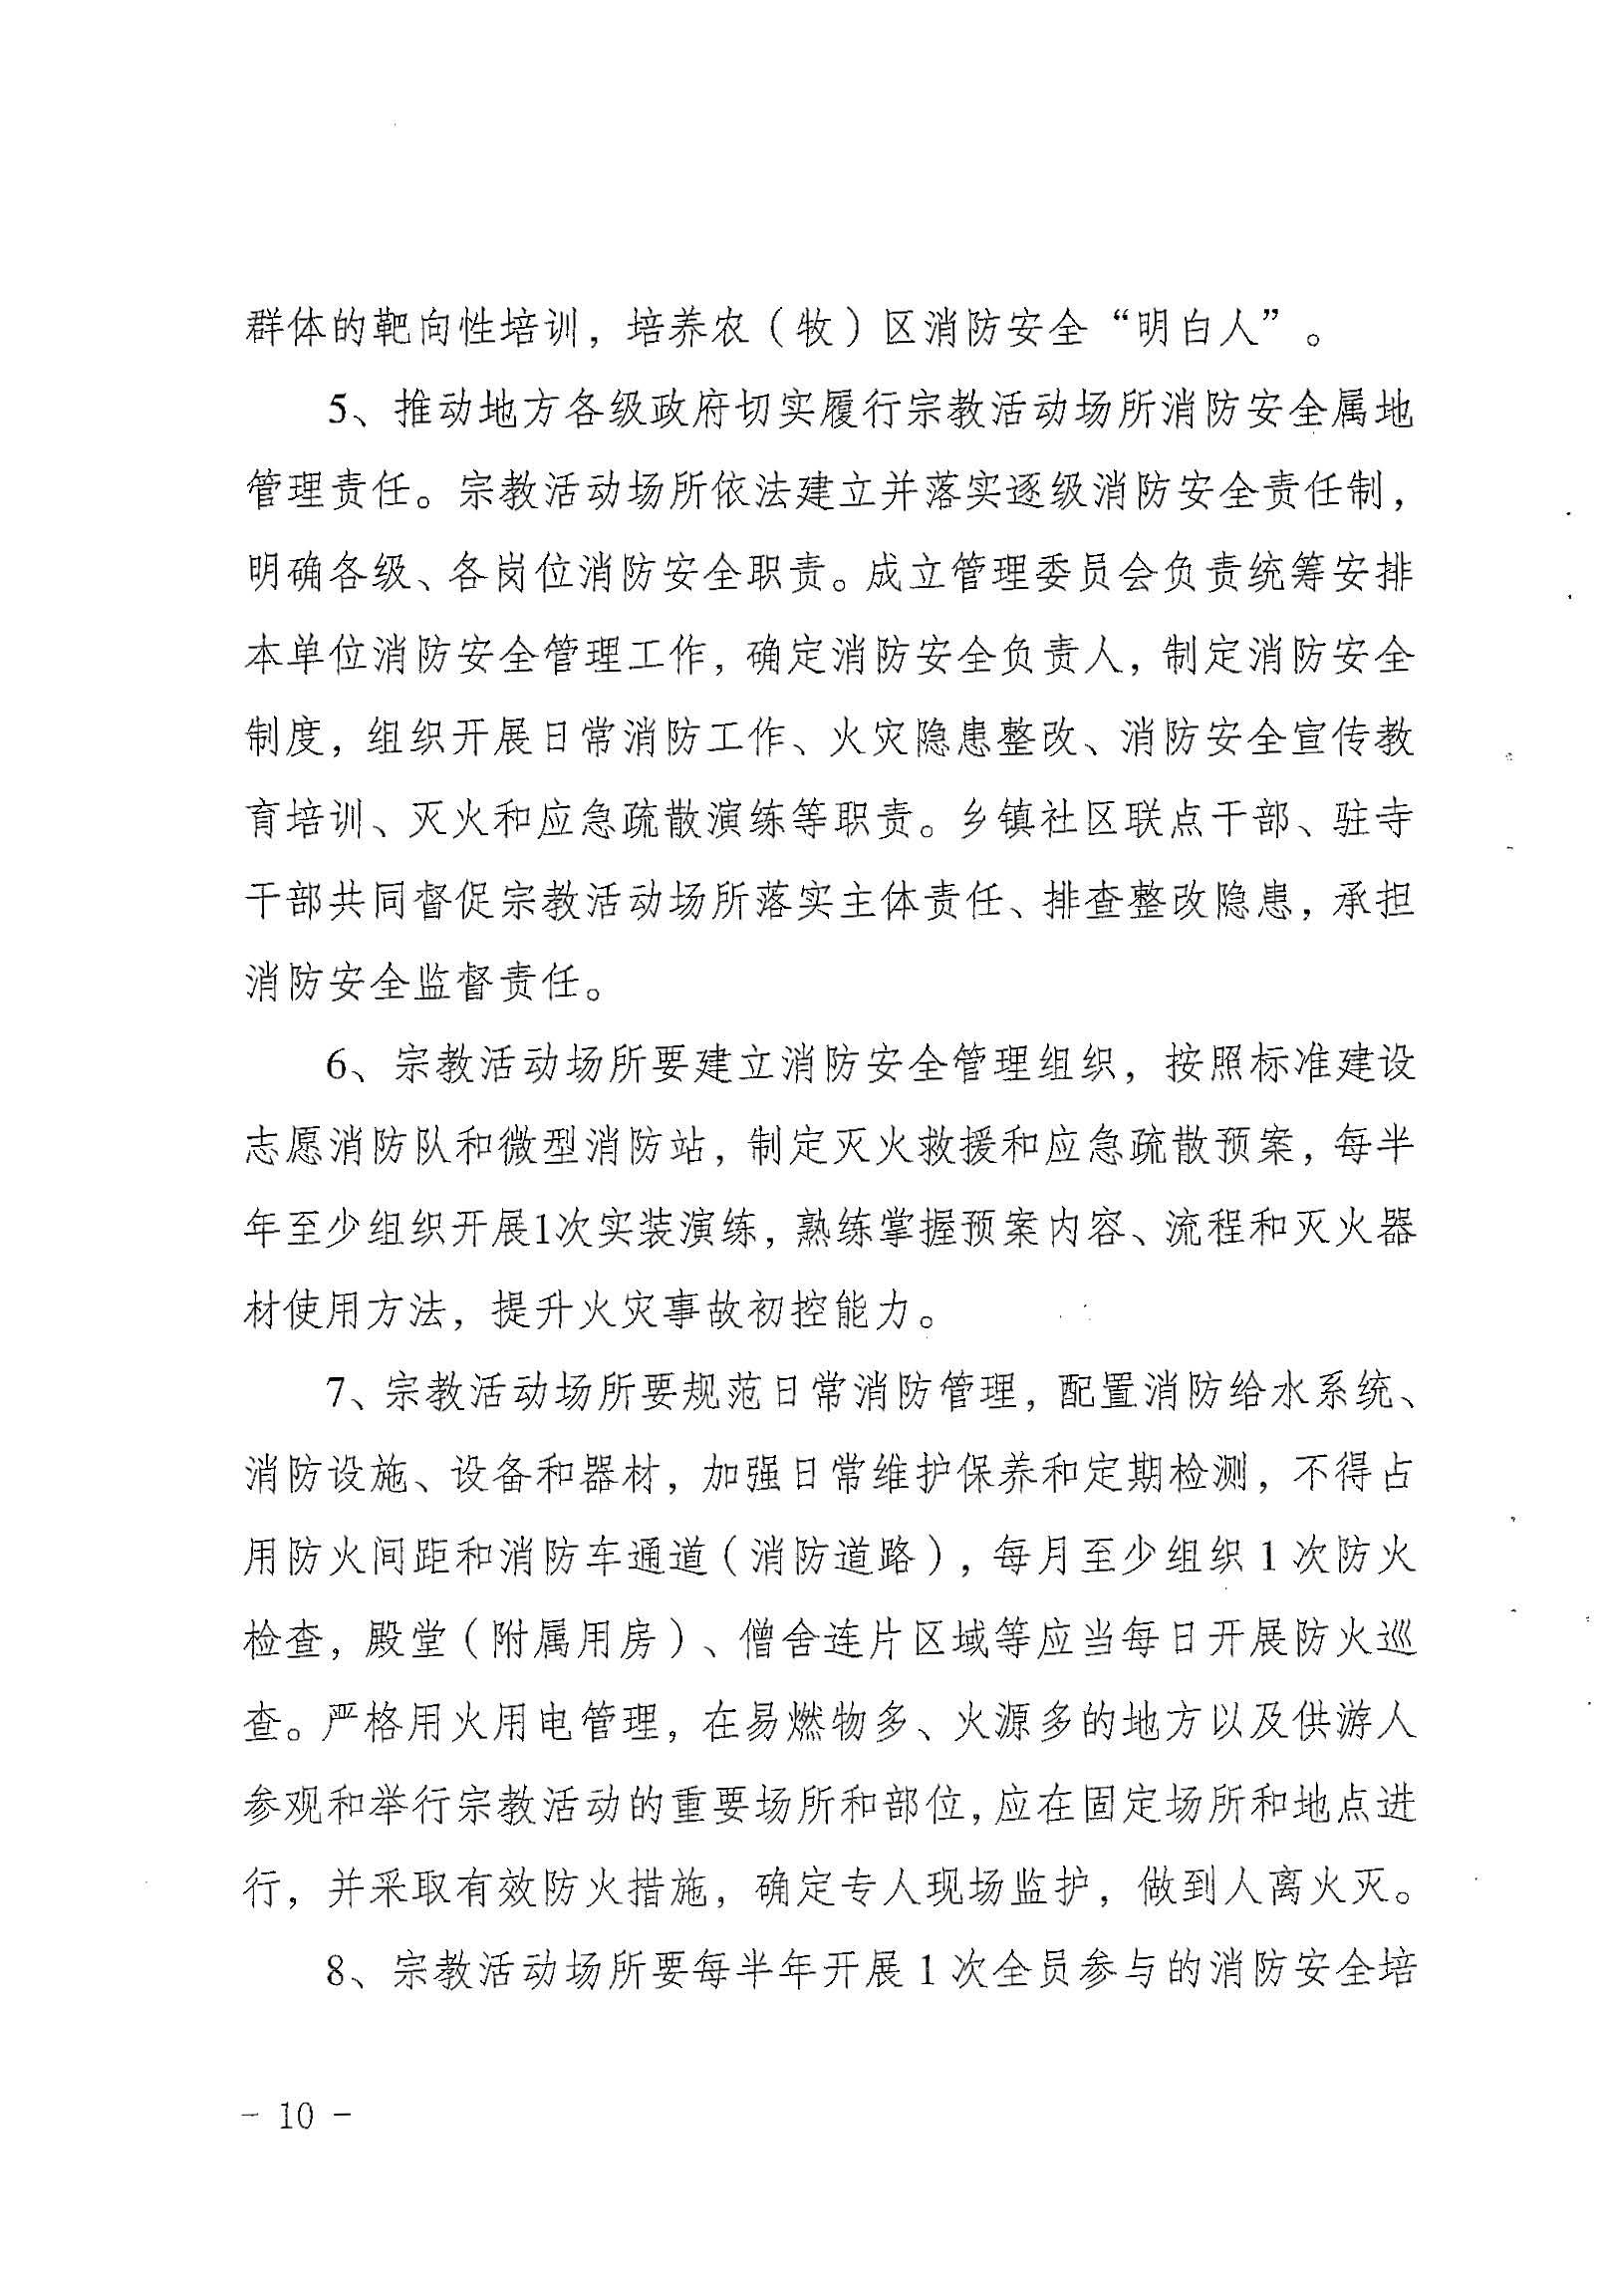 """省消防安委办关于印发《青海省消防安全宣传教育""""五进""""工作实施细则》的通知(青消安委[2020]20号)_页面_10.jpg"""